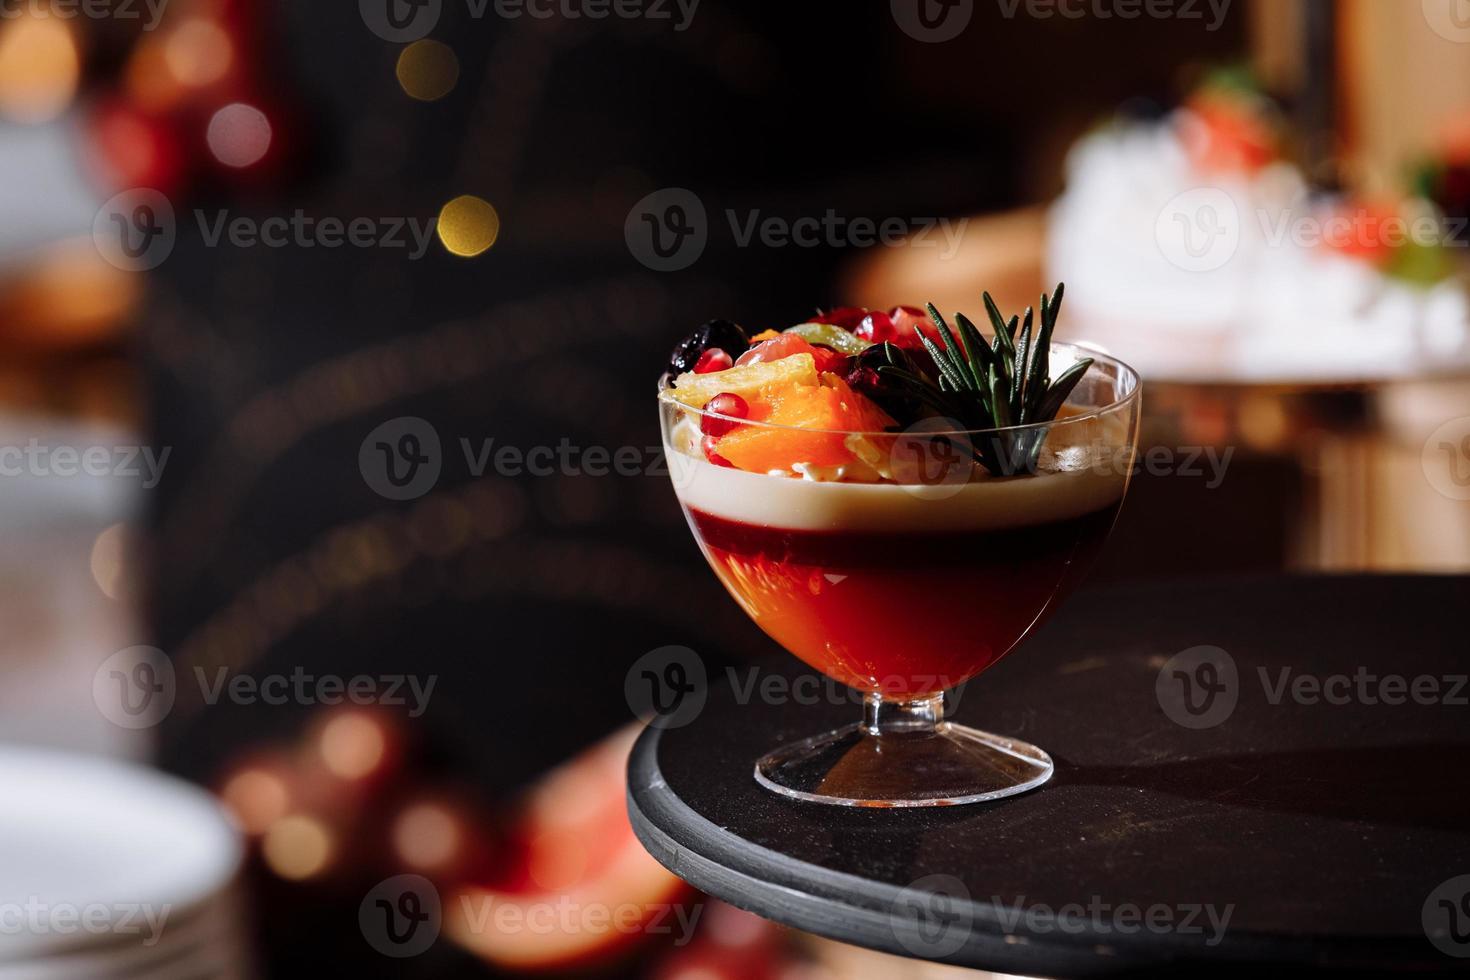 tavolo colorato con dolci e chicche per il ricevimento della festa di nozze, decorazione tavolo da dessert. deliziosi dolci sul buffet di caramelle. tavolo da dessert per una festa. torte, cupcakes. foto